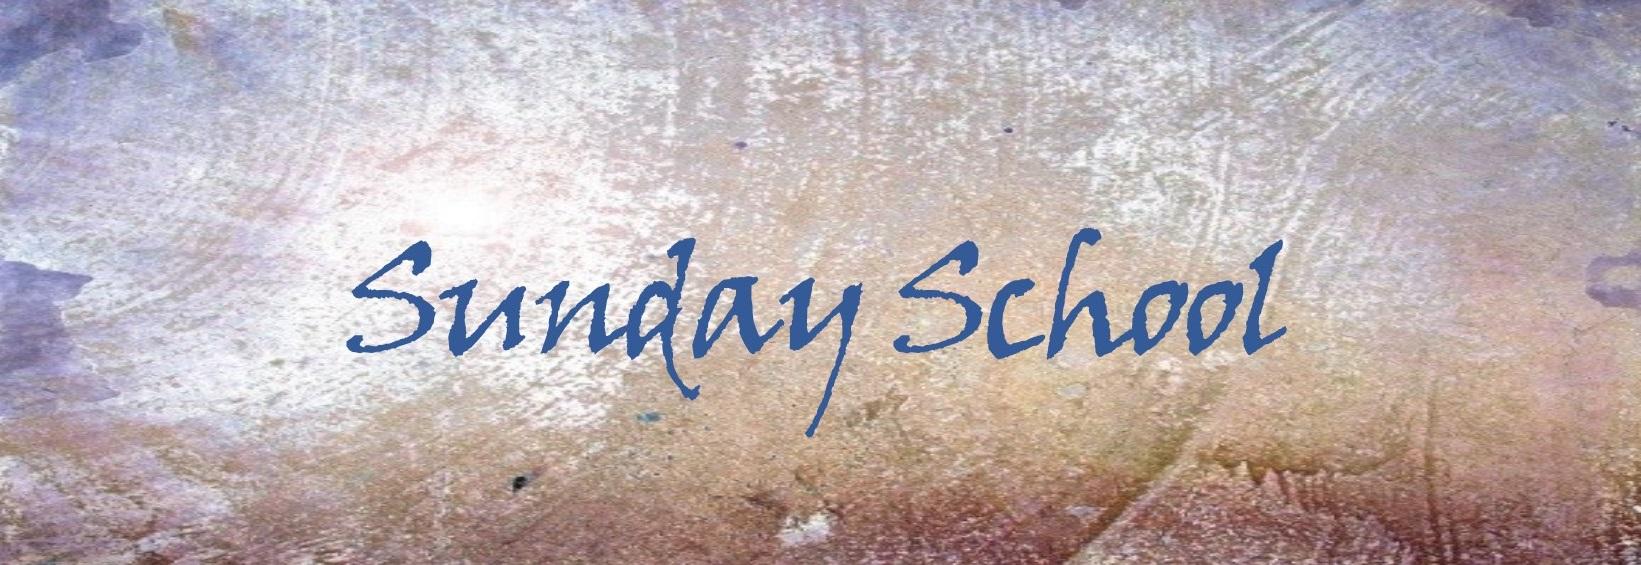 Sunday School Slider